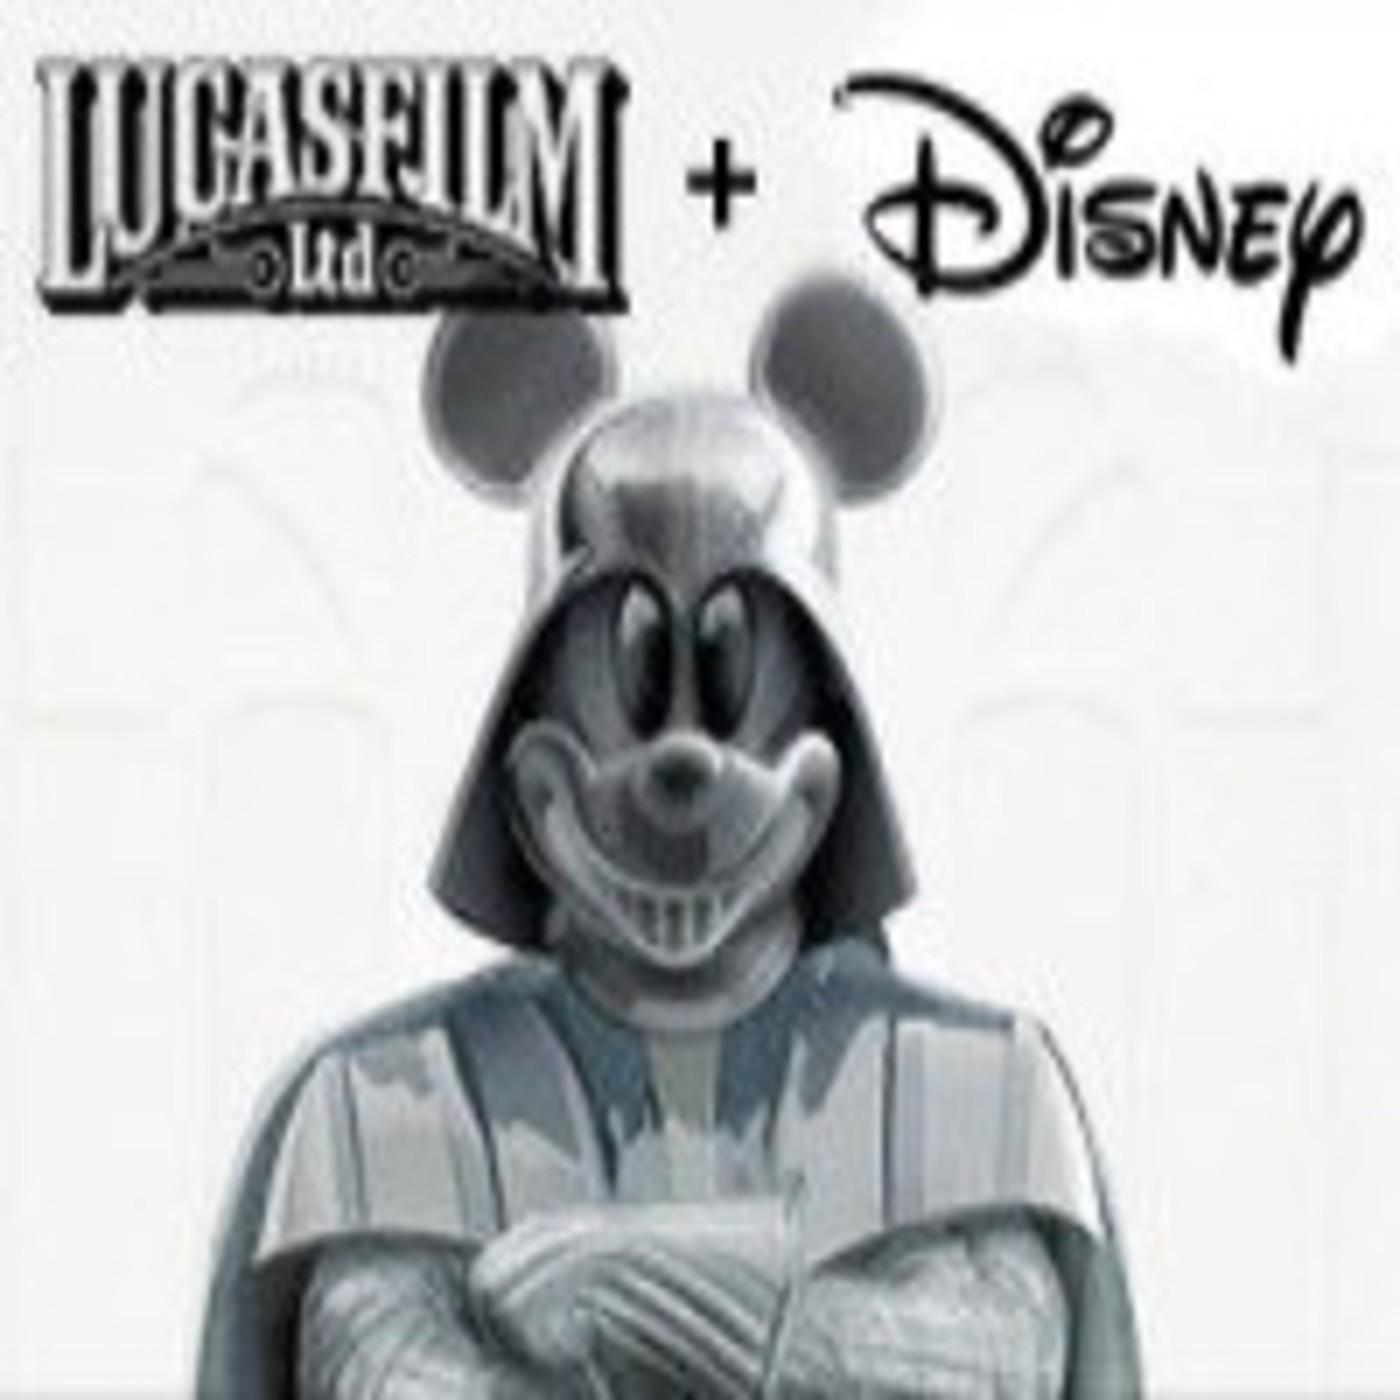 LODE 3x09 Lucasfilm + Disney, el gran debate: El Episodio VII según el Universo Expandido